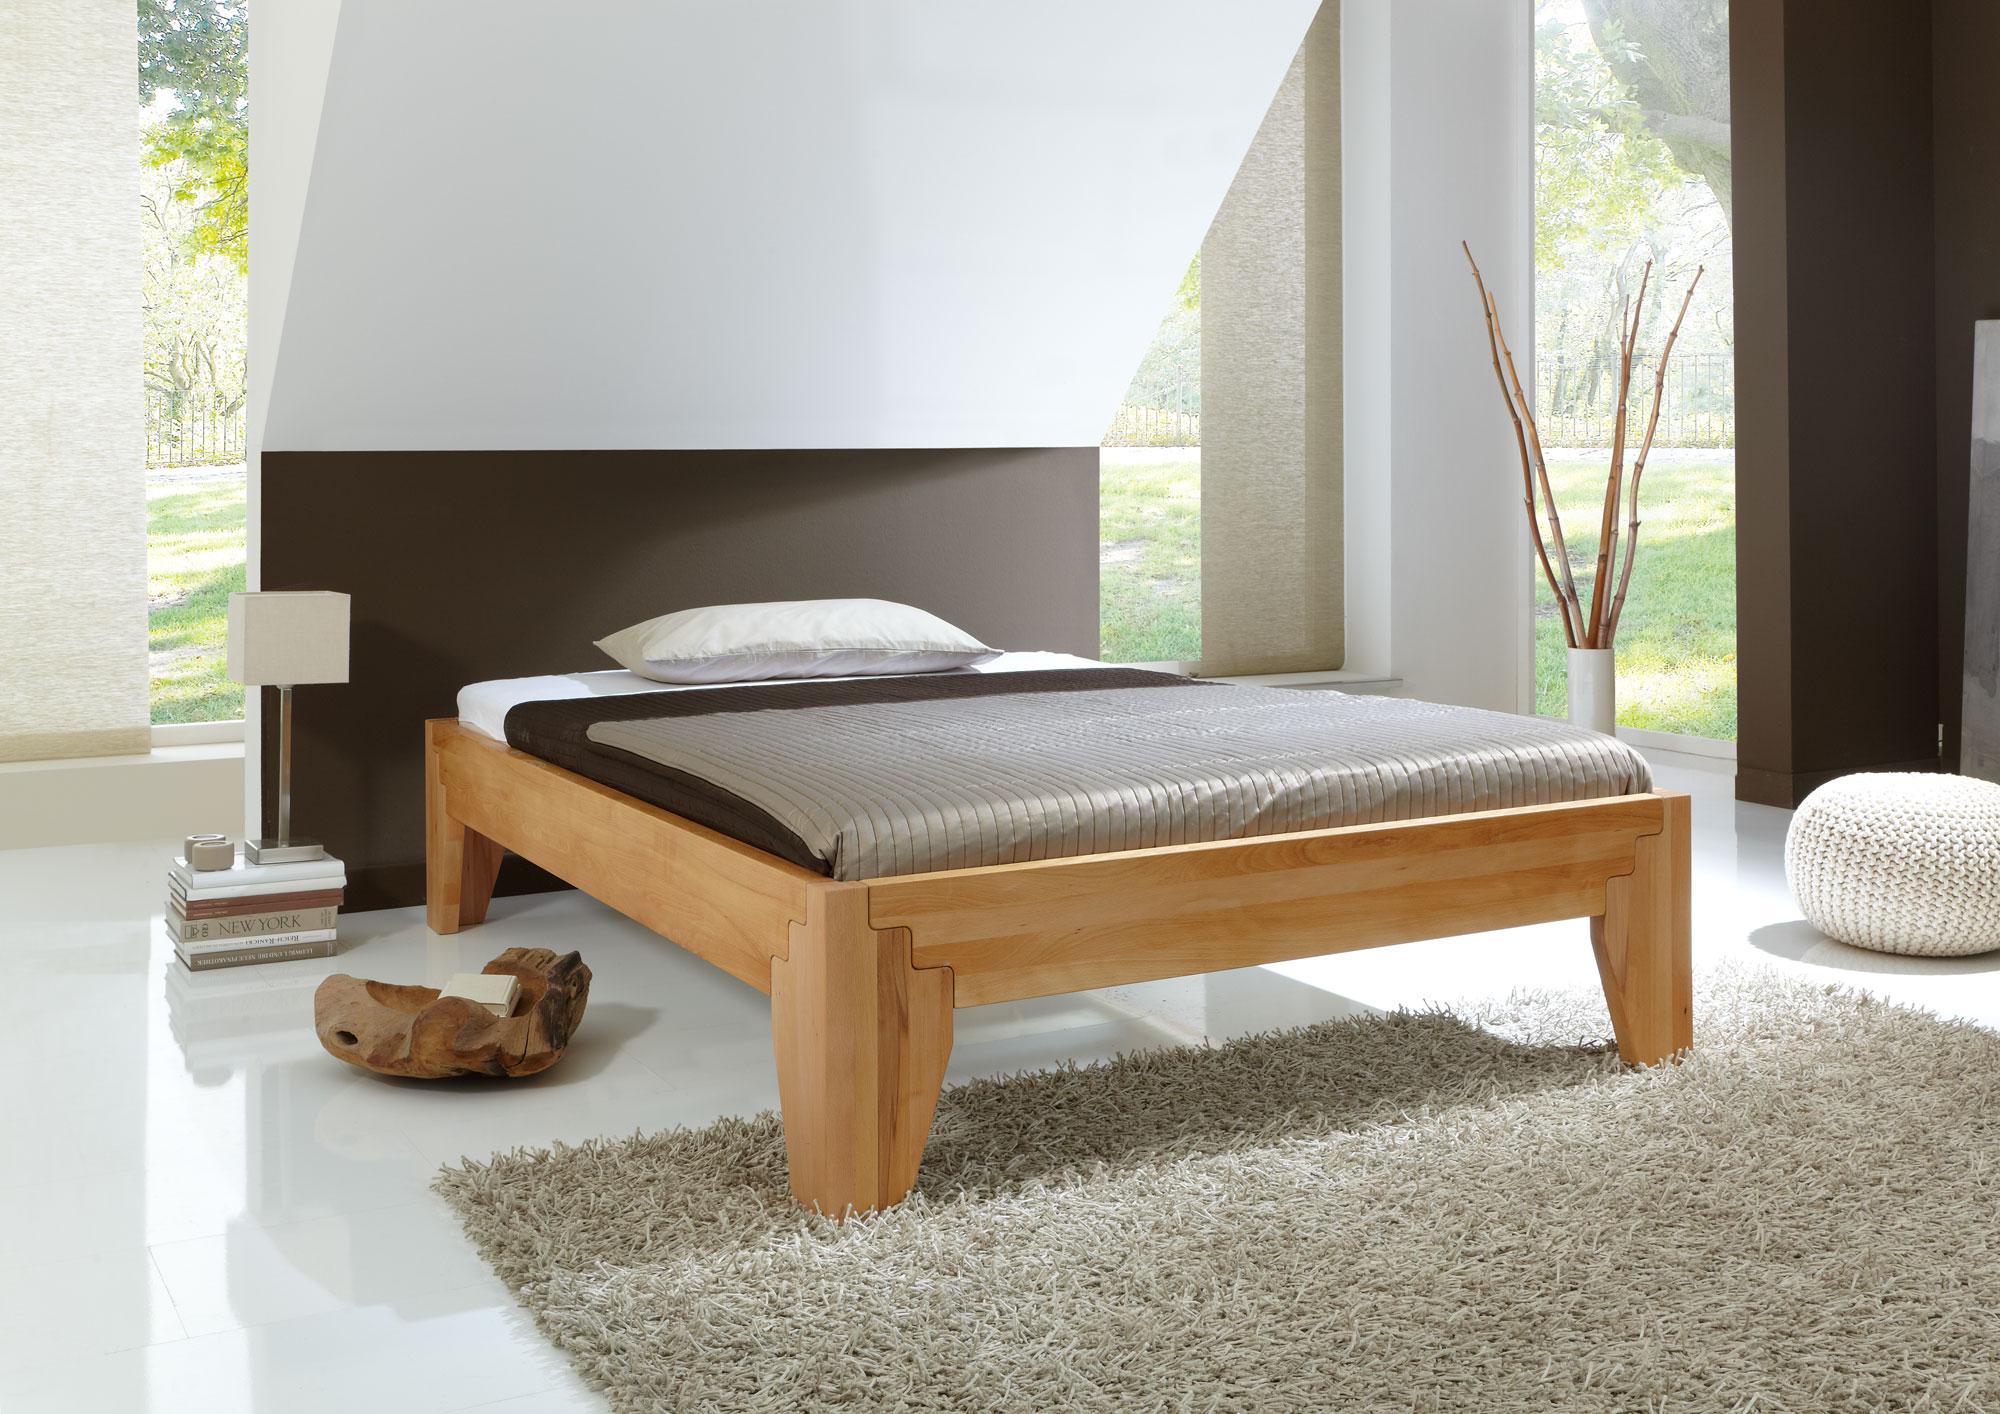 bett stella buche massiv metallfreies stecksystem. Black Bedroom Furniture Sets. Home Design Ideas